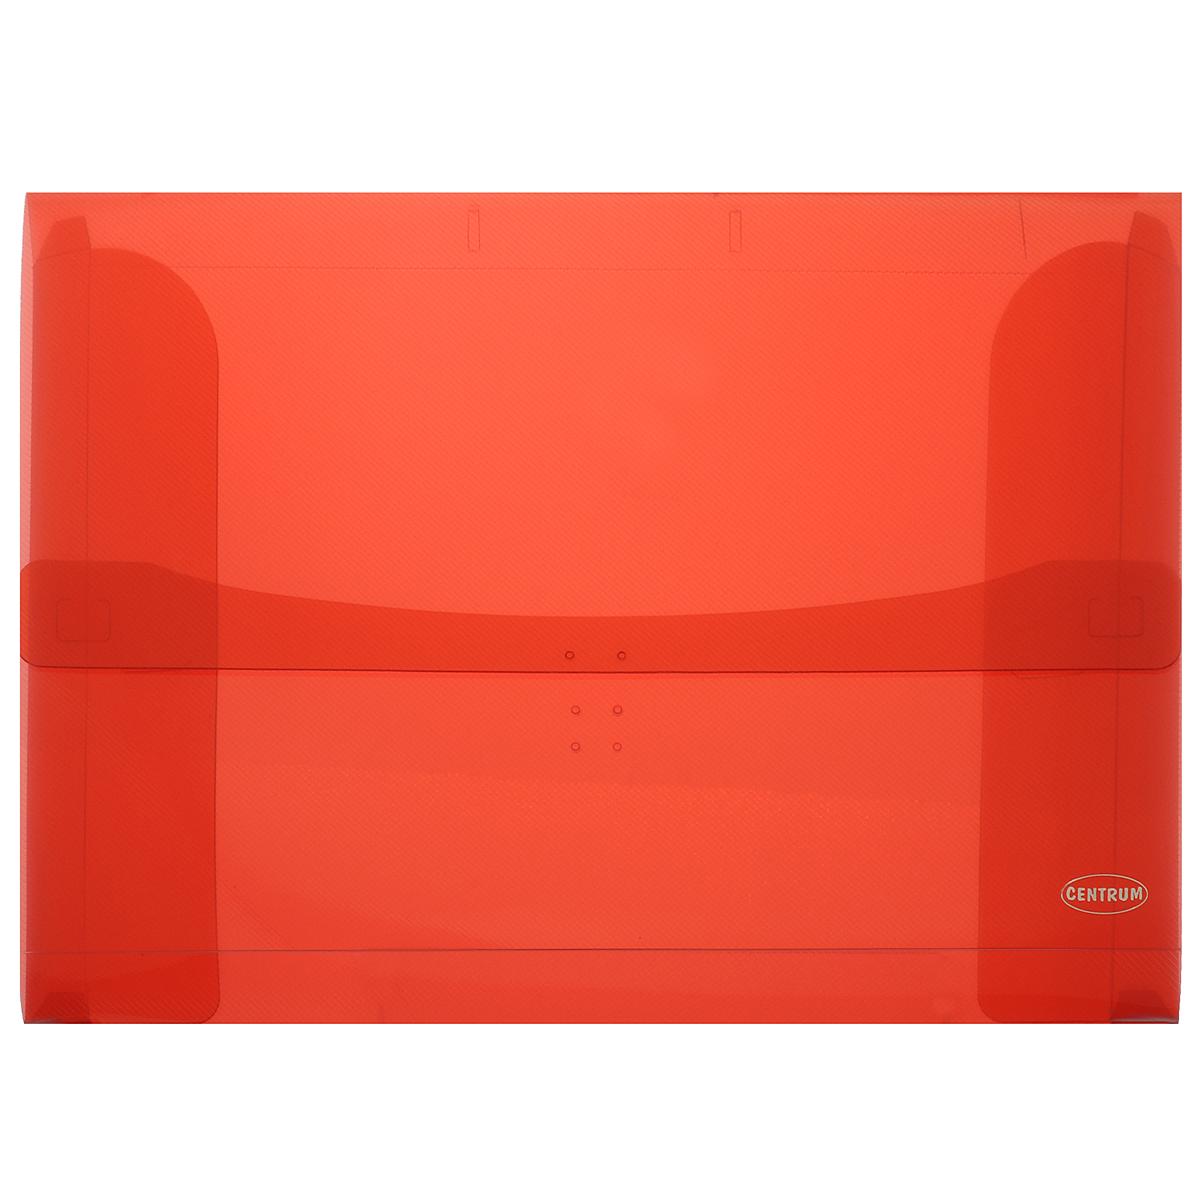 Папка-конверт Centrum, цвет: красный. Формат А3C13S041944Портфель Centrum - это удобный и функциональный офисный инструмент, предназначенный для хранения и транспортировки рабочих бумаг и документов формата А3.Портфель изготовлен из износостойкого непрозрачного пластика, имеет перфорацию на клапане и обложке, что позволяет закреплять клапан лентой или шнурком. Внутри изделие имеет три клапана, что обеспечивает надежную фиксацию бумаг и документов. Портфель имеет опрятный и неброский вид, оформлена тиснением в виде параллельной штриховки.Портфель - это незаменимый атрибут для студента, школьника, офисного работника. Он превосходно подойдет для транспортировки эскизов и станет верным помощником для художников. Такой портфель надежно сохранит ваши документы и сбережет их от повреждений, пыли и влаги.